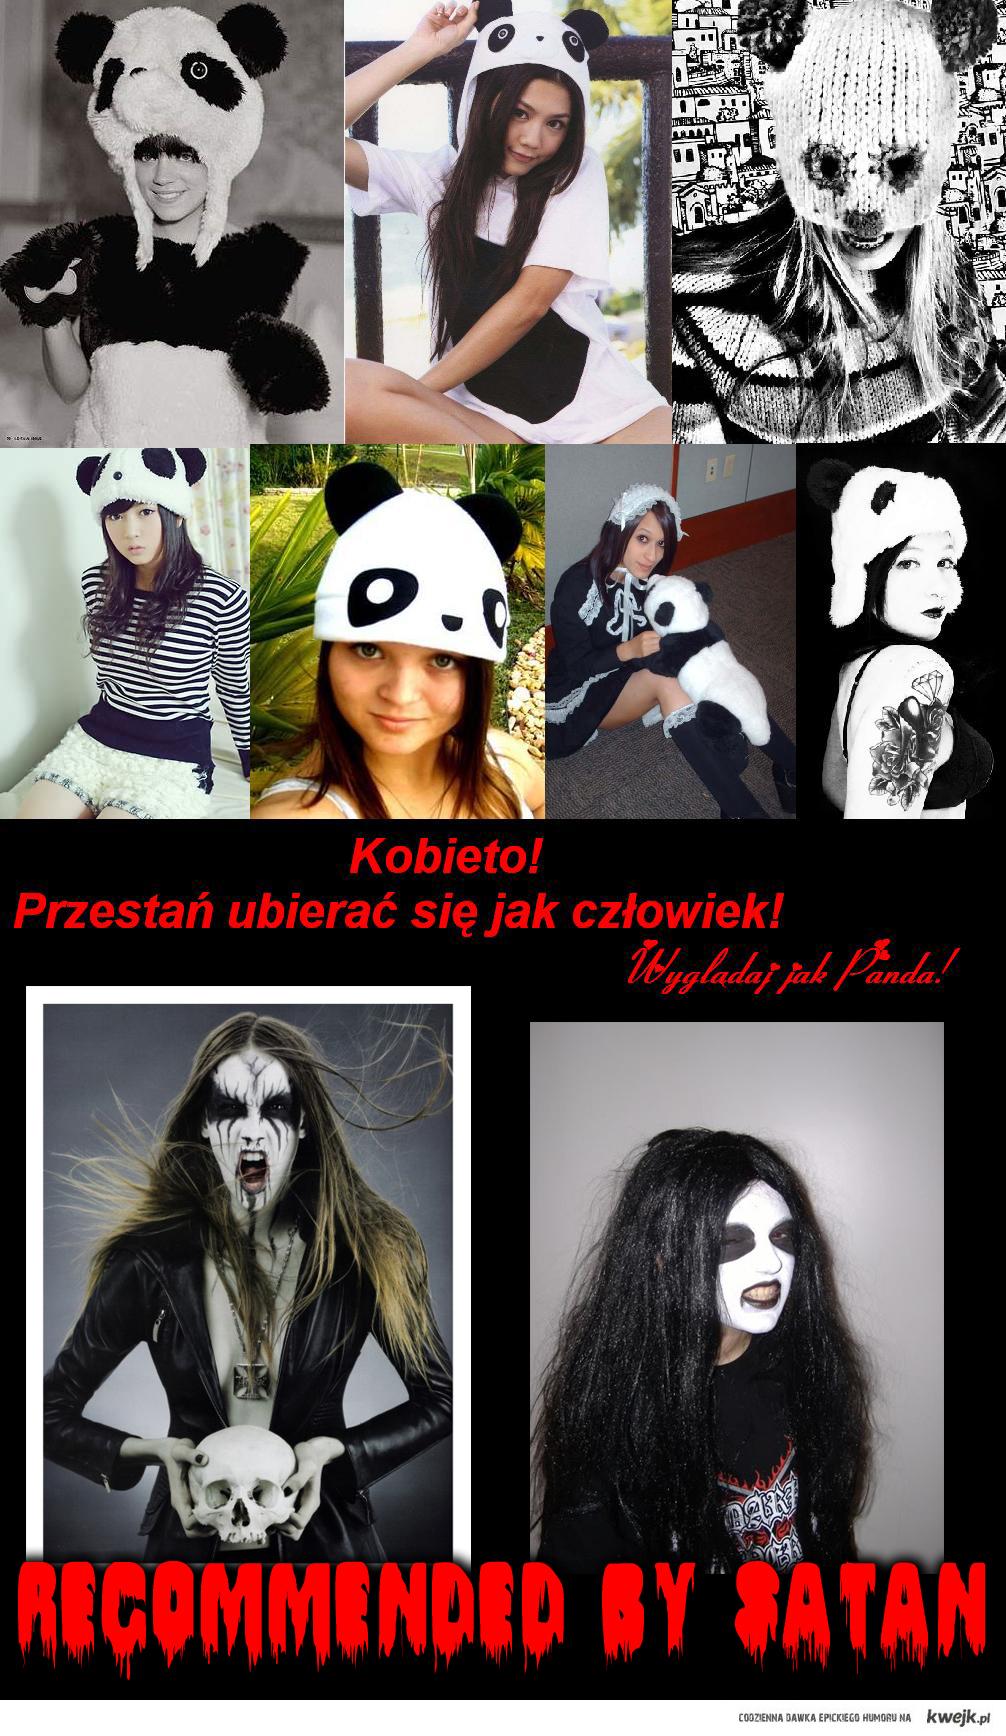 Females that look like panda sind Krieg!